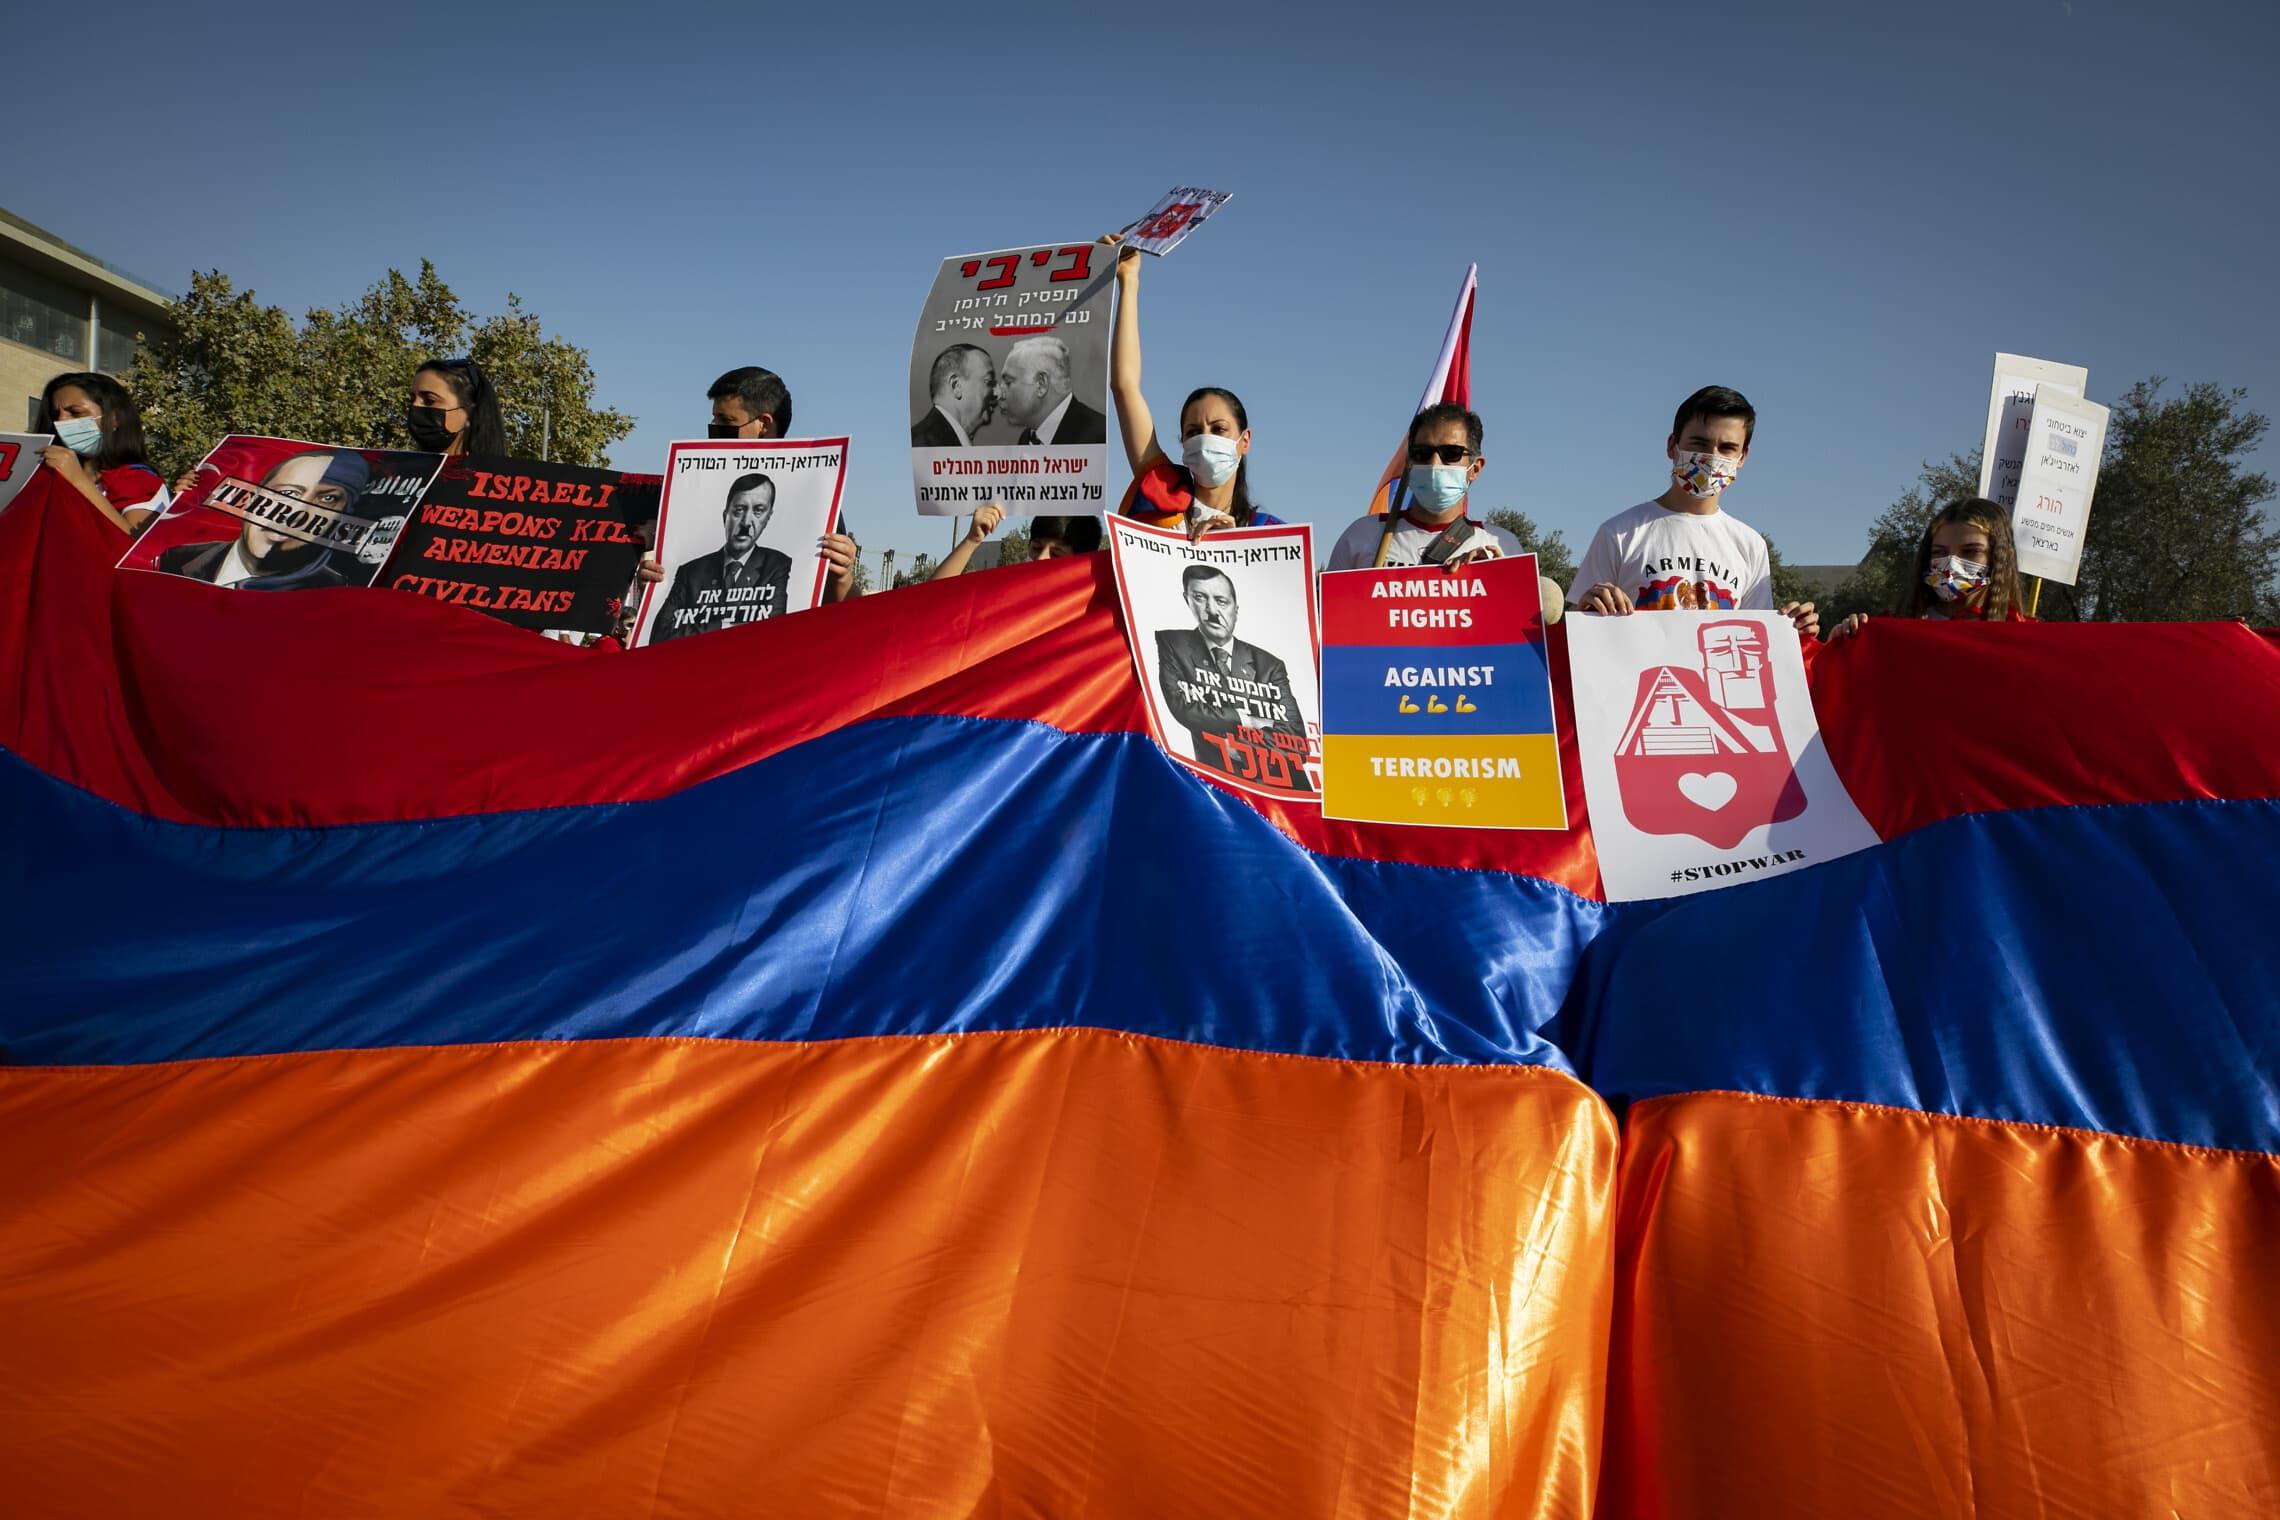 ארמנים מפגינים בירושלים נגד מכירת נשק מישראל לאזרבייג'ן והמעורבות הישראלית בעימות האלים בנגורנו-קרבאך, 22 באוקטובר 2020 (צילום: אוליבייה פיטוסי/פלאש90)